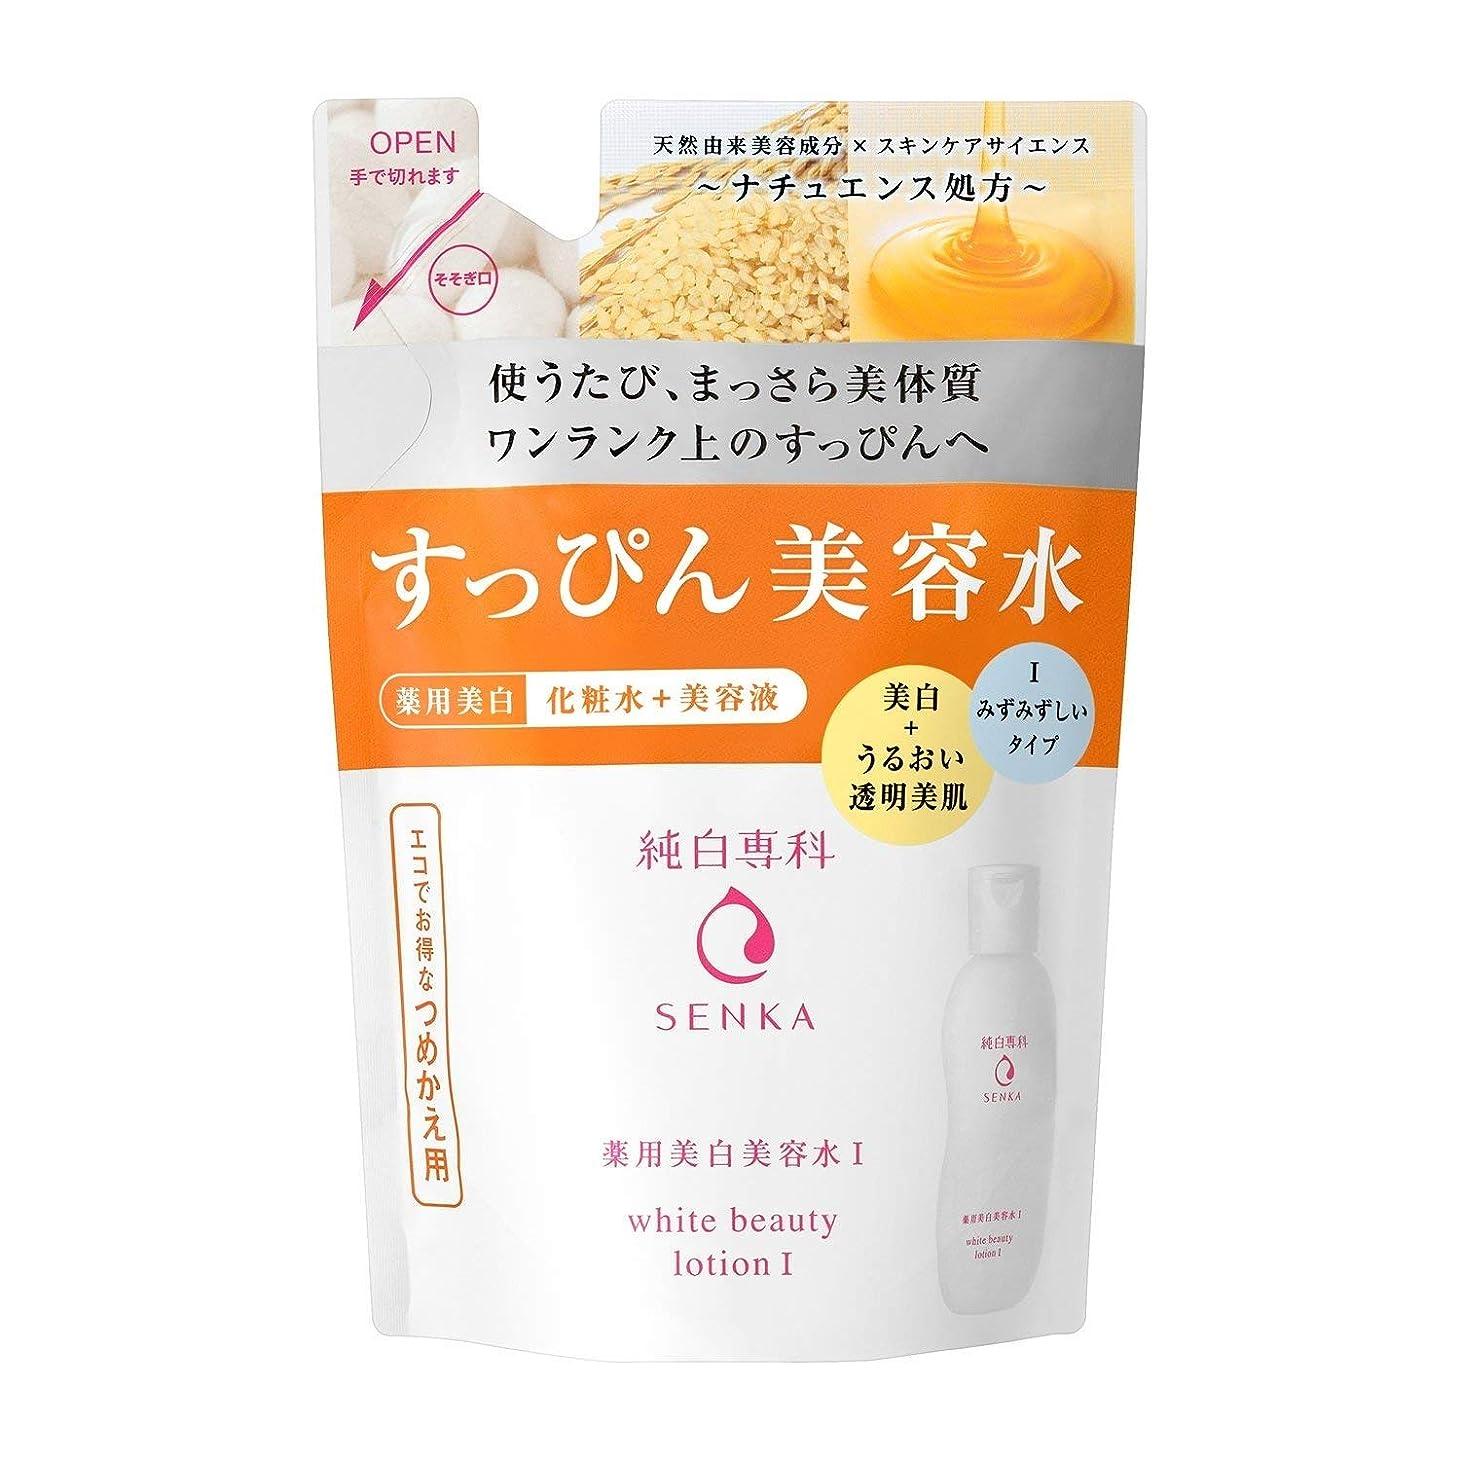 ファンマーク植物学純白専科 すっぴん美容水I 詰め替え (医薬部外品) 化粧水